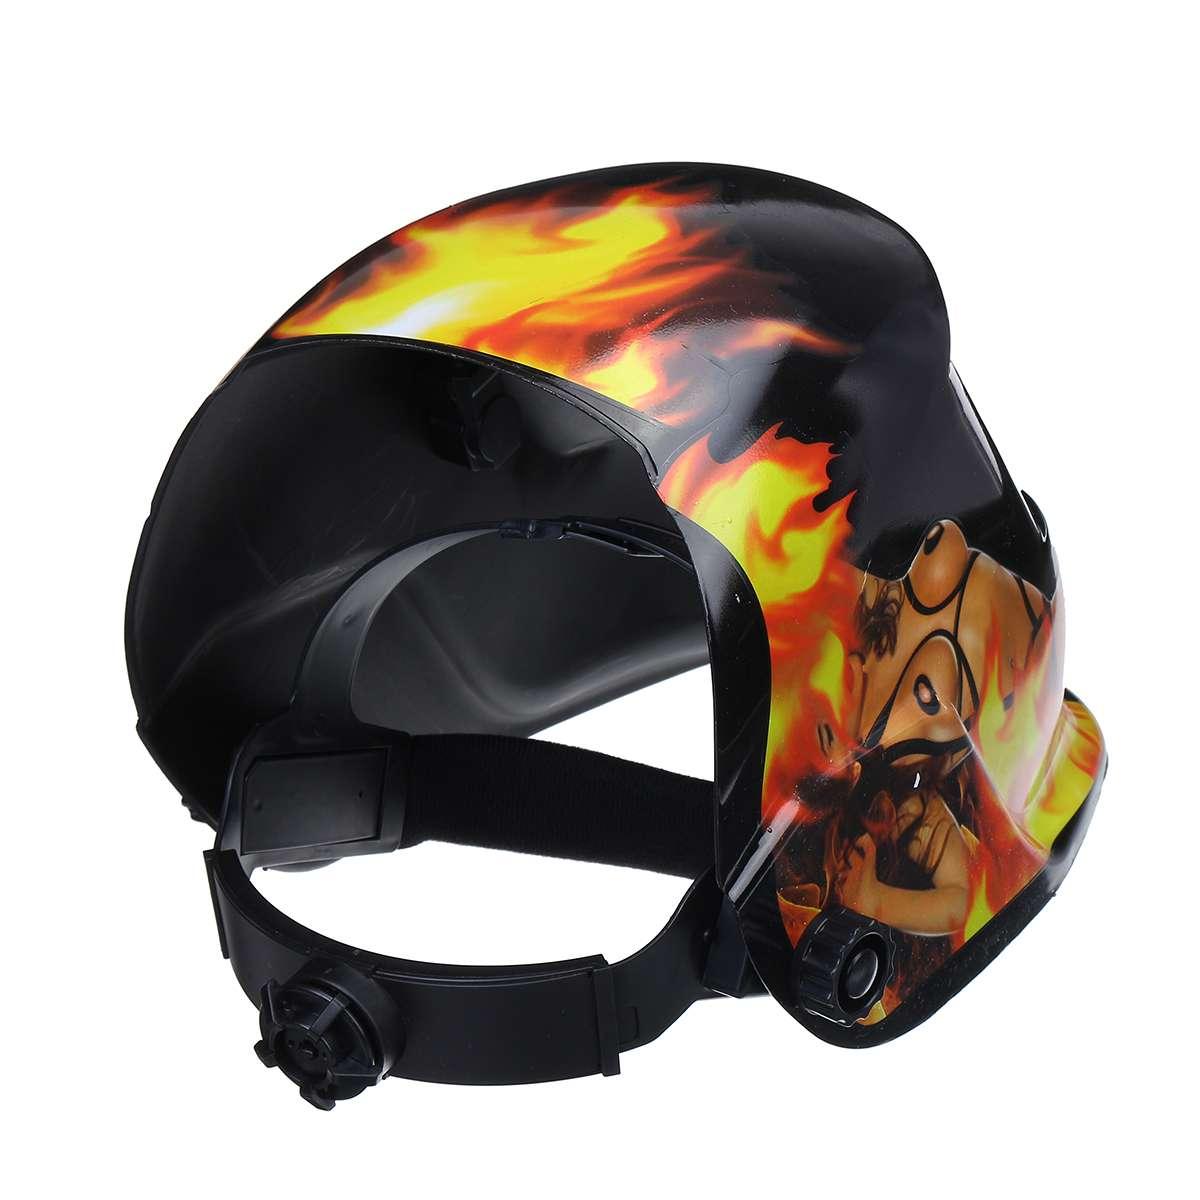 mig mma máscara de soldagem elétrica capacete